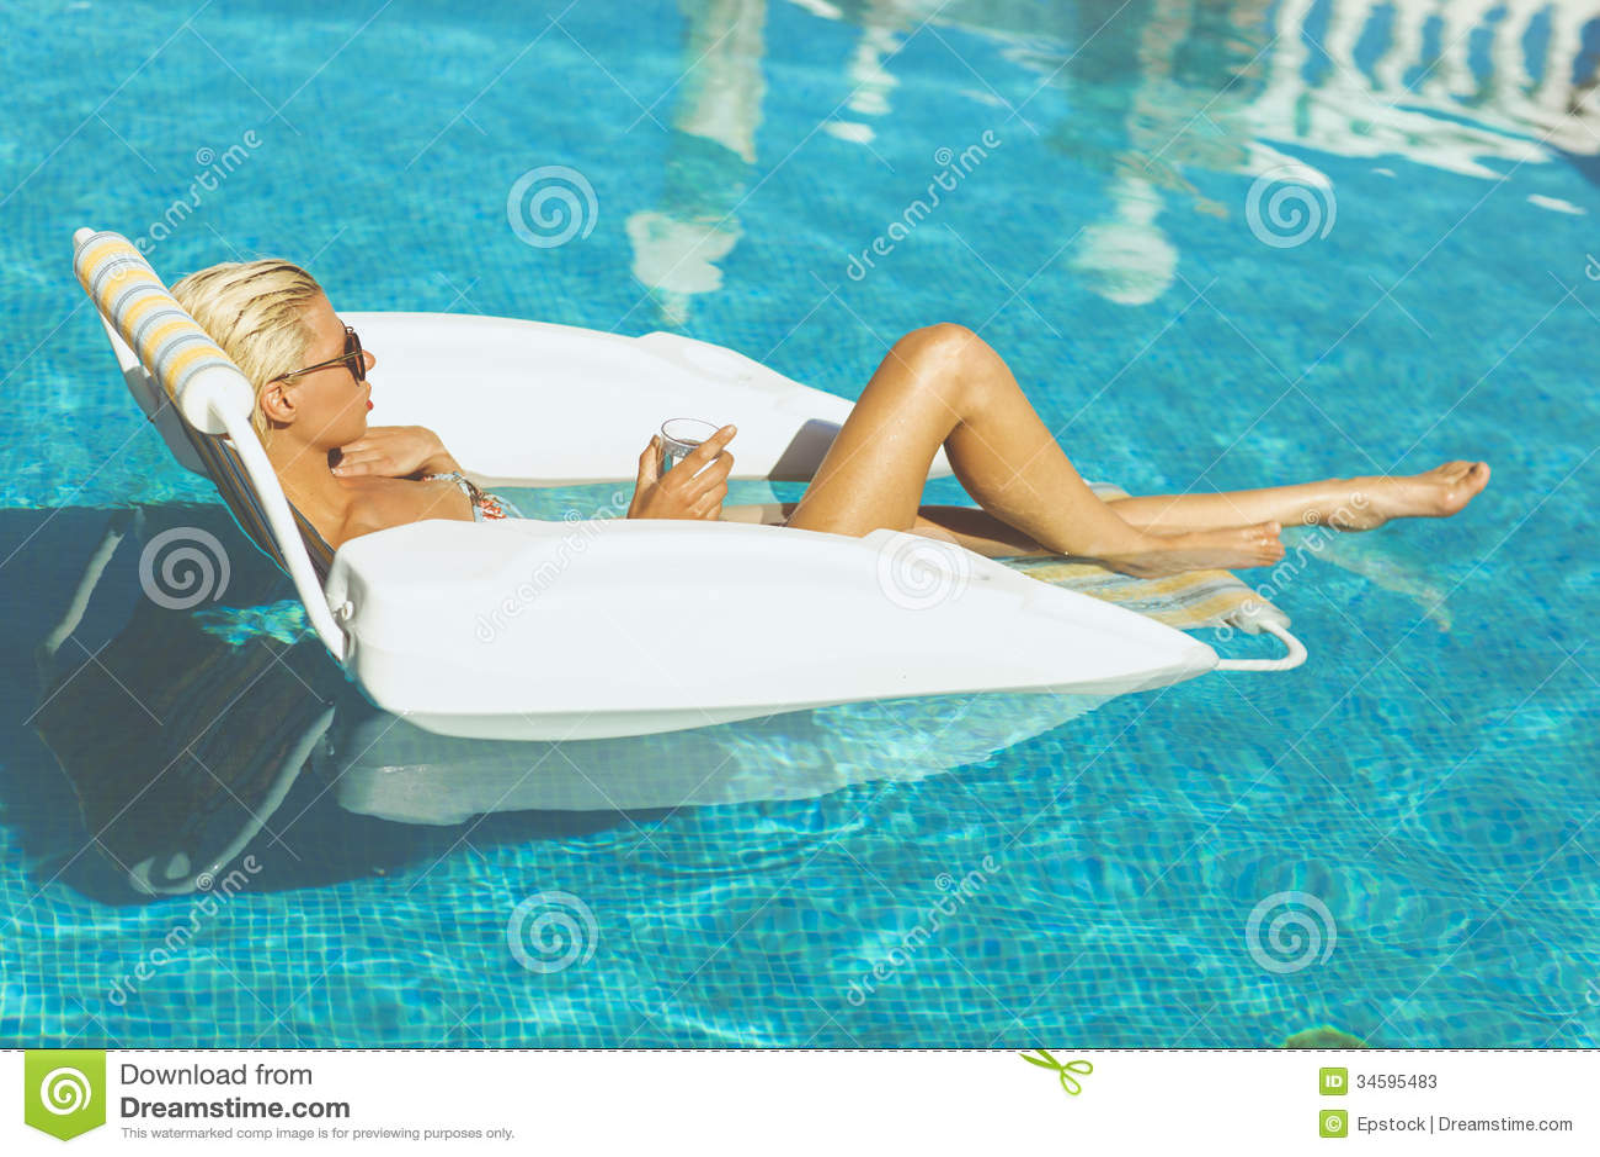 Hot Blonde In Pool